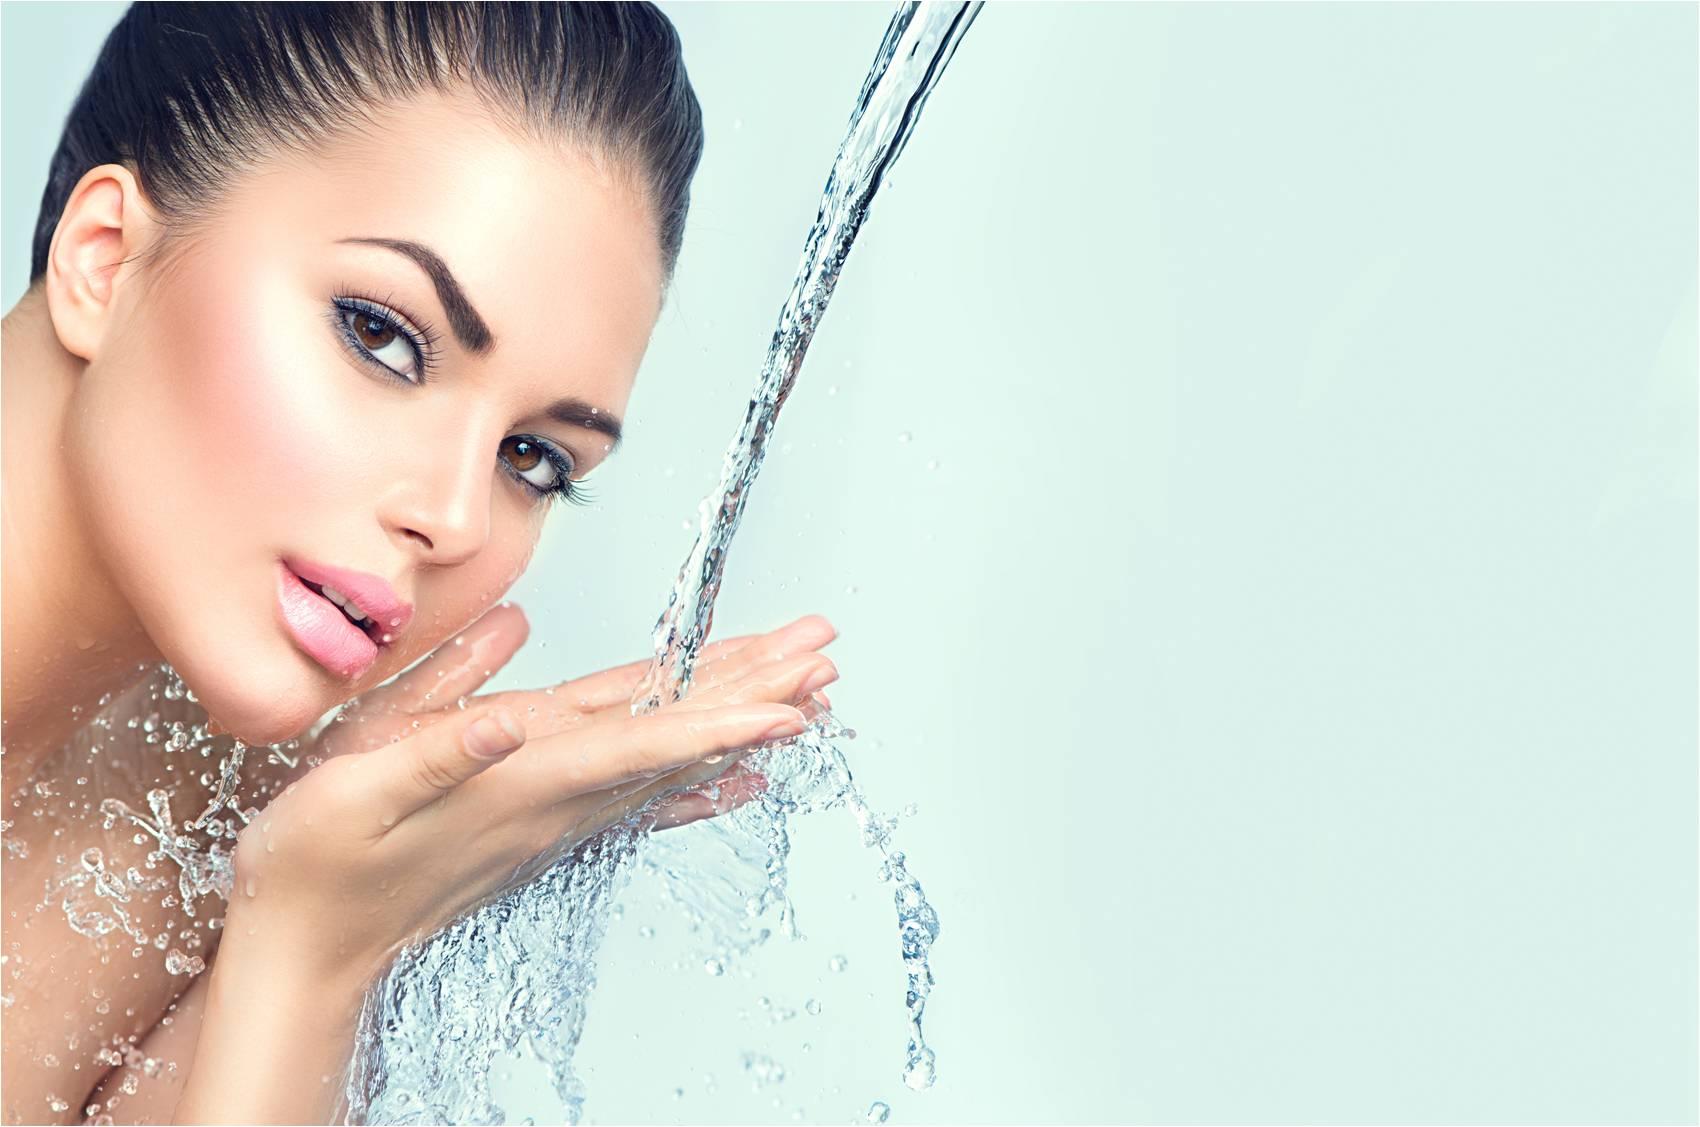 Az ivóvíz nem csak az egészség, de a szépség megőrzésében is segít